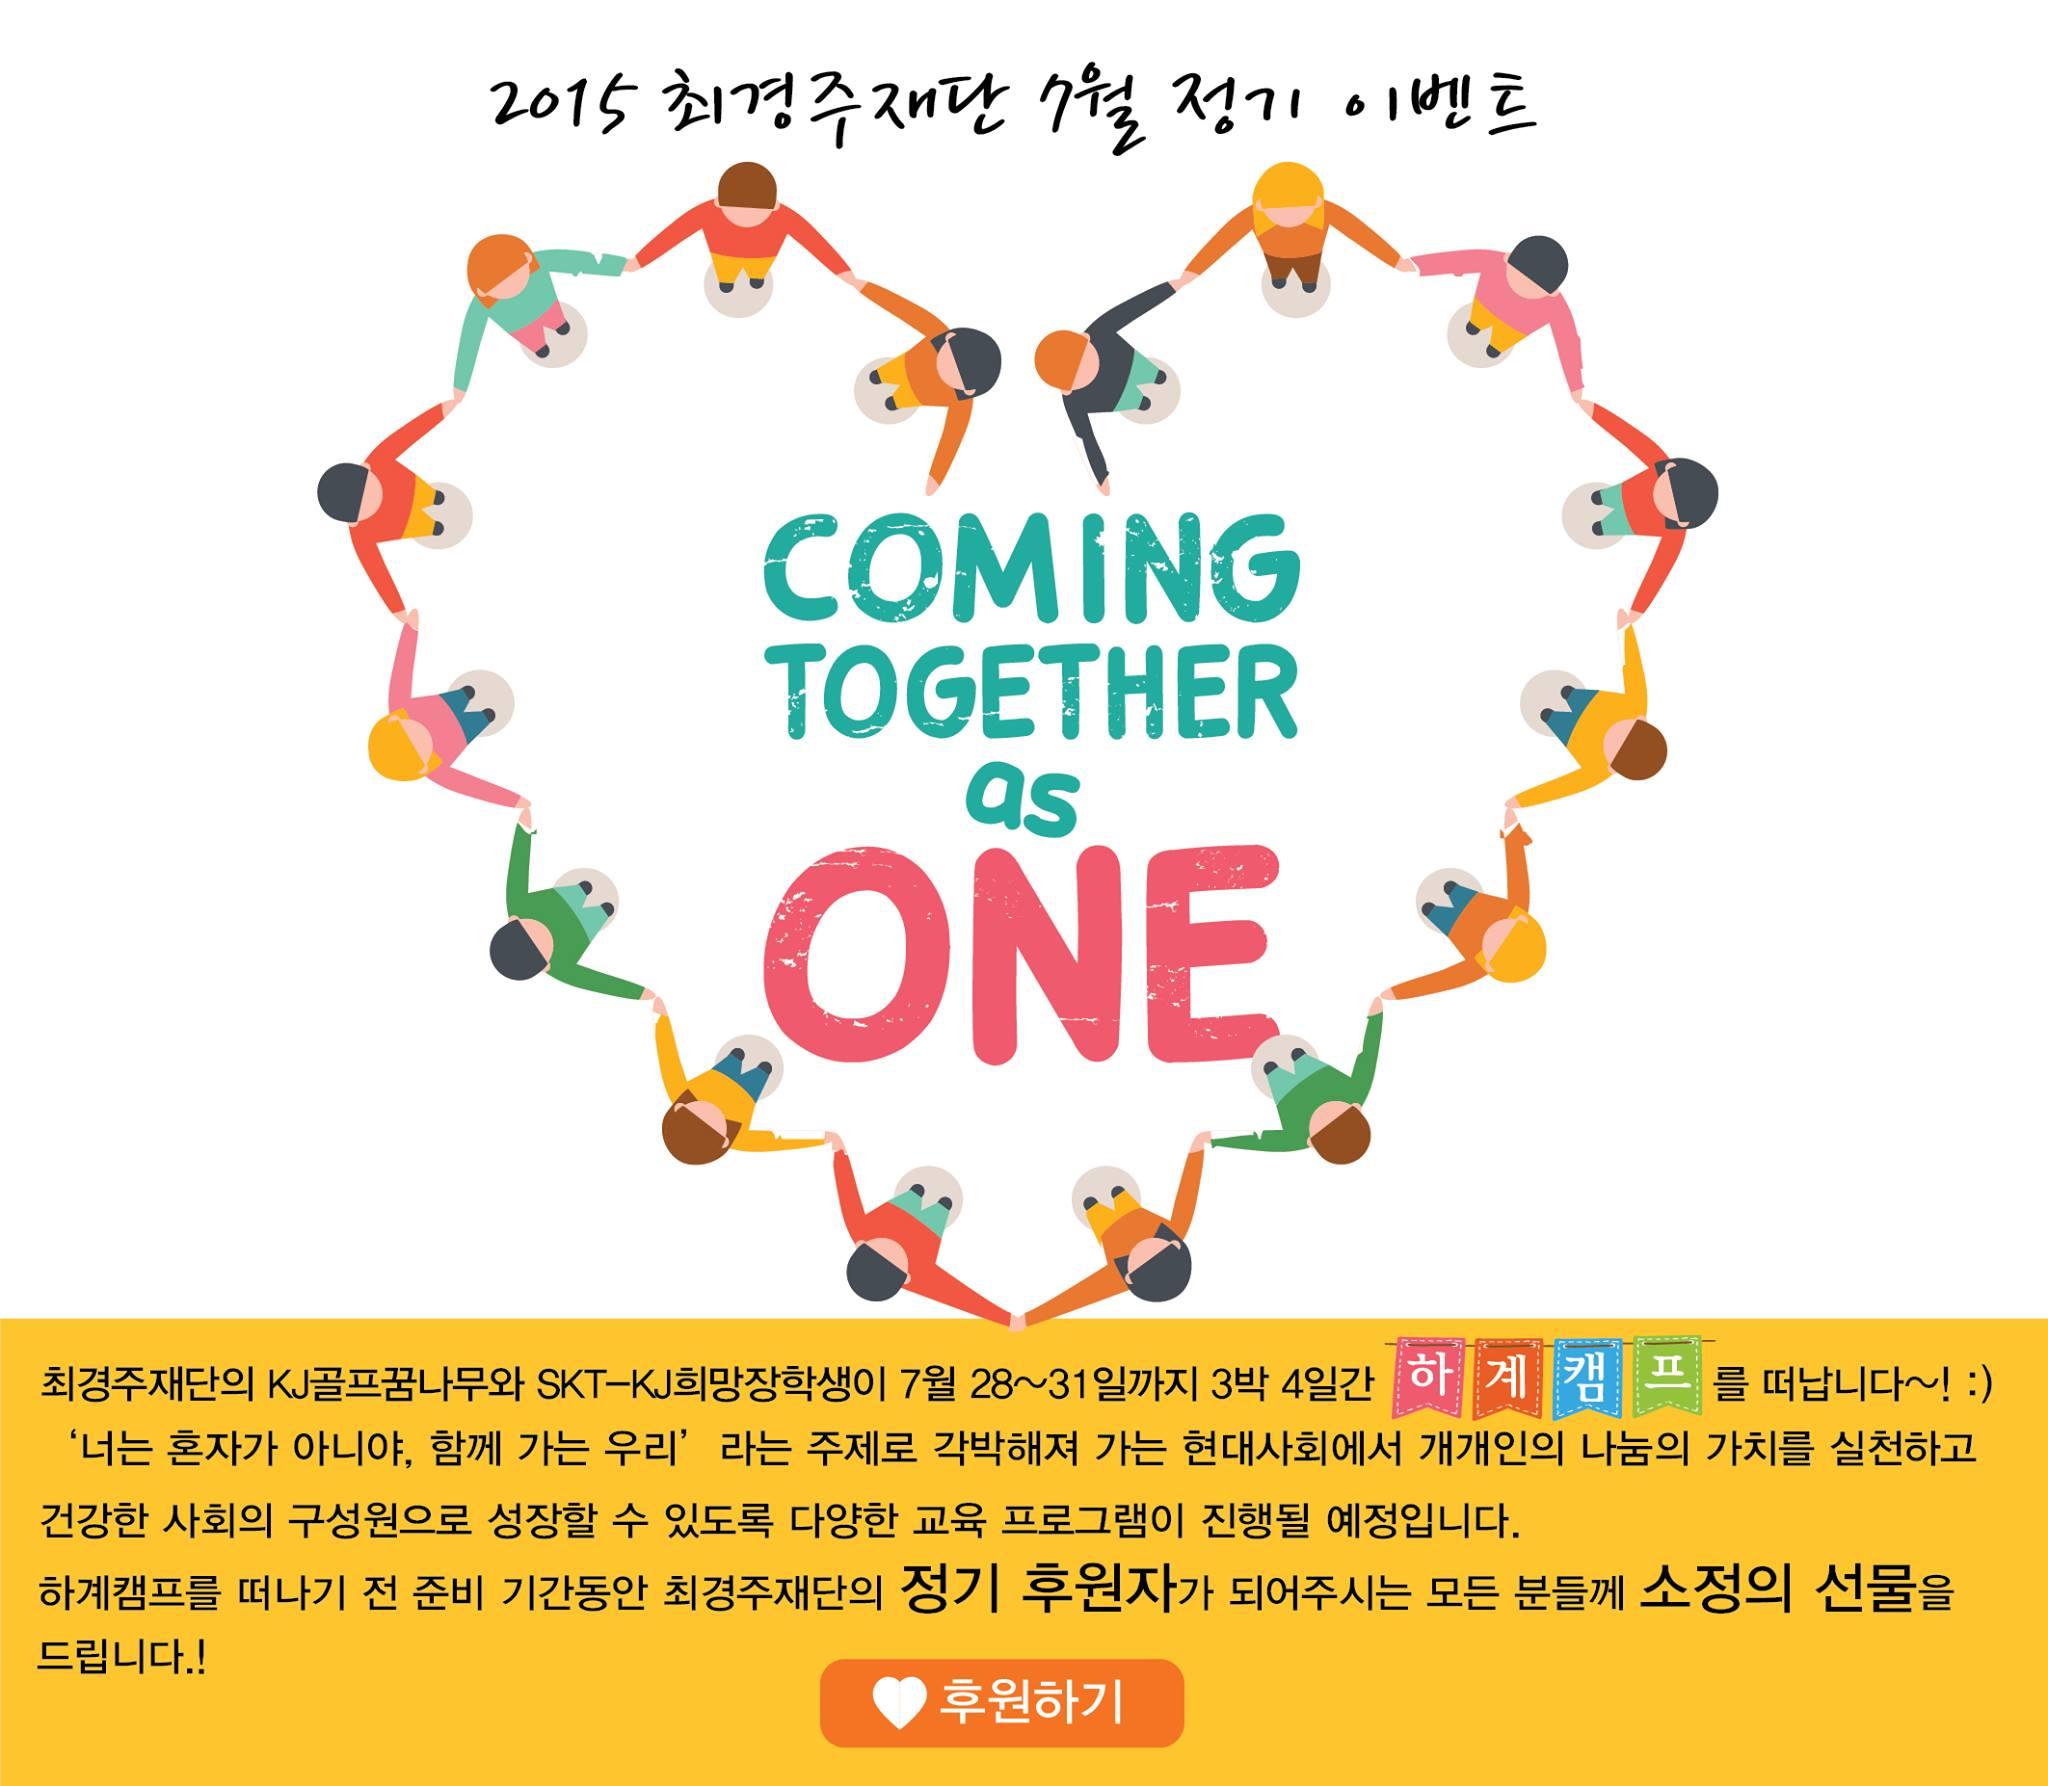 최경주재단 페이스북 정기 이벤트 (7월)